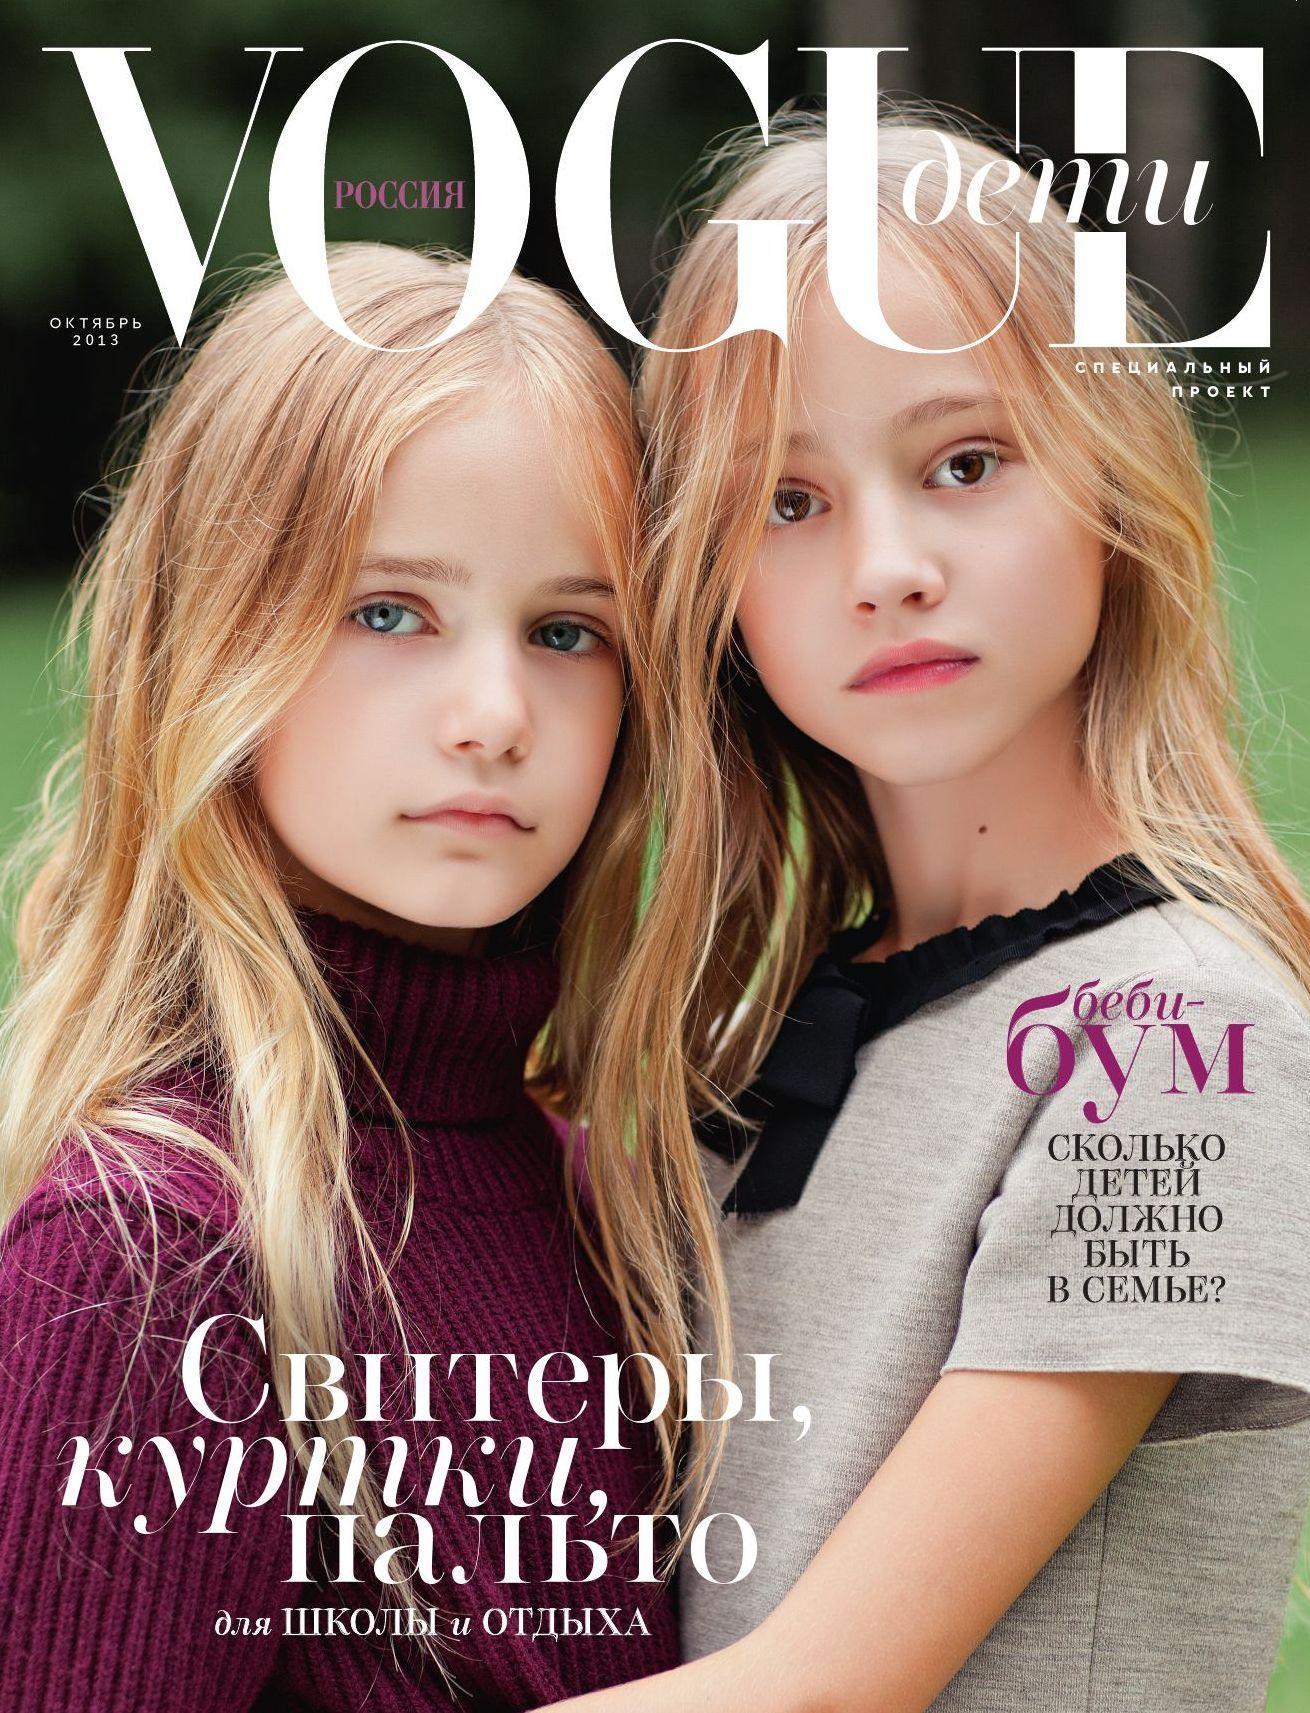 Кастинг фото детей для журнала